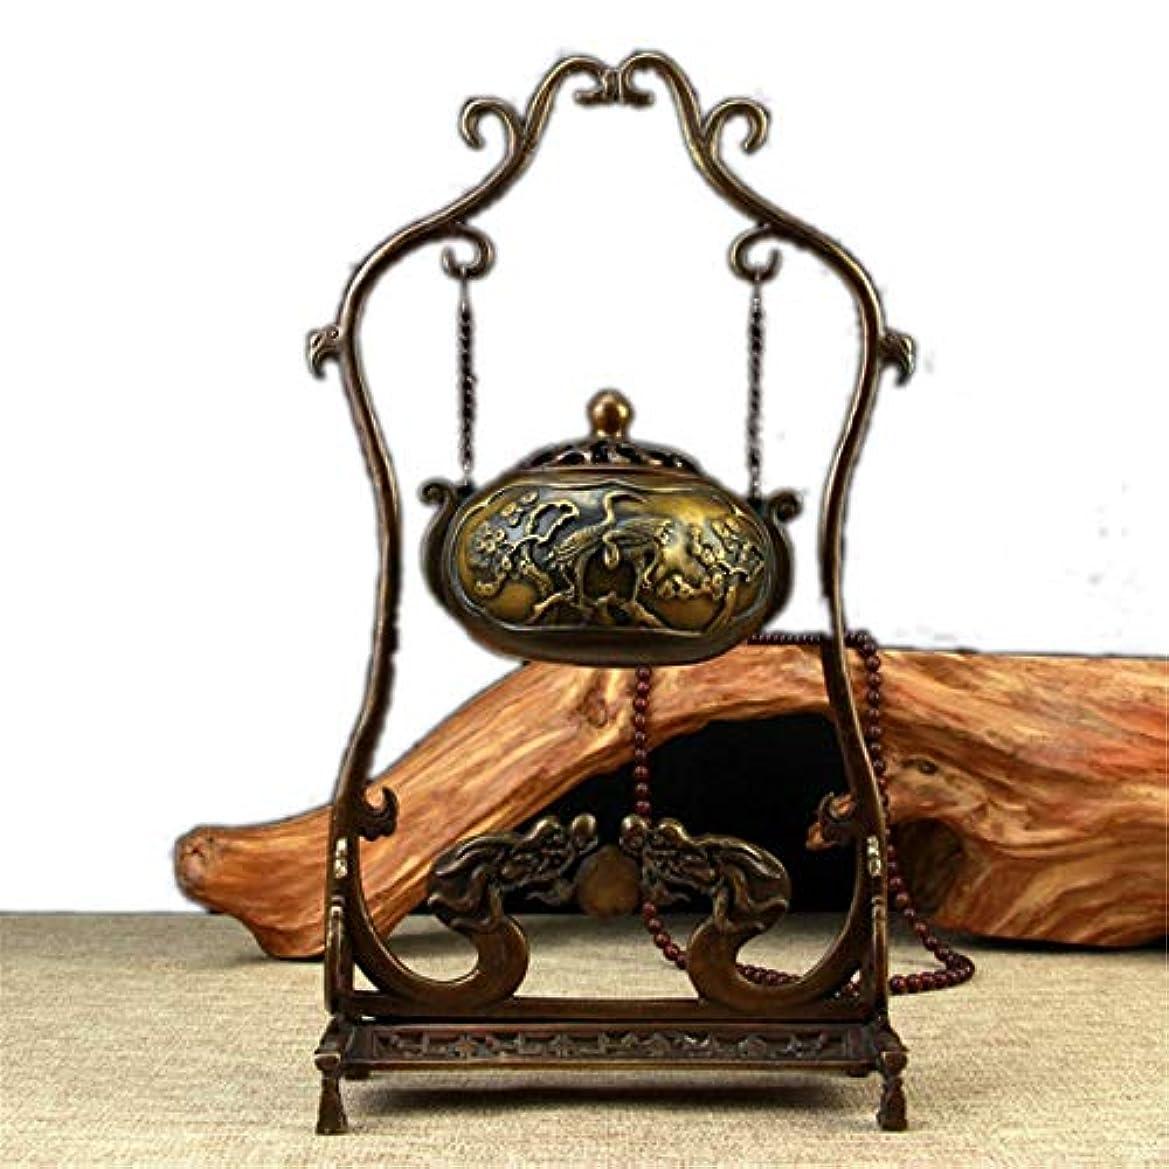 討論たらいに同意する香炉の煙の逆流亜鉛合金香炉の円錐形のホールダー、家の芳香の付属品は家、オフィス、喫茶店、瞑想、ヨガ等のために適した